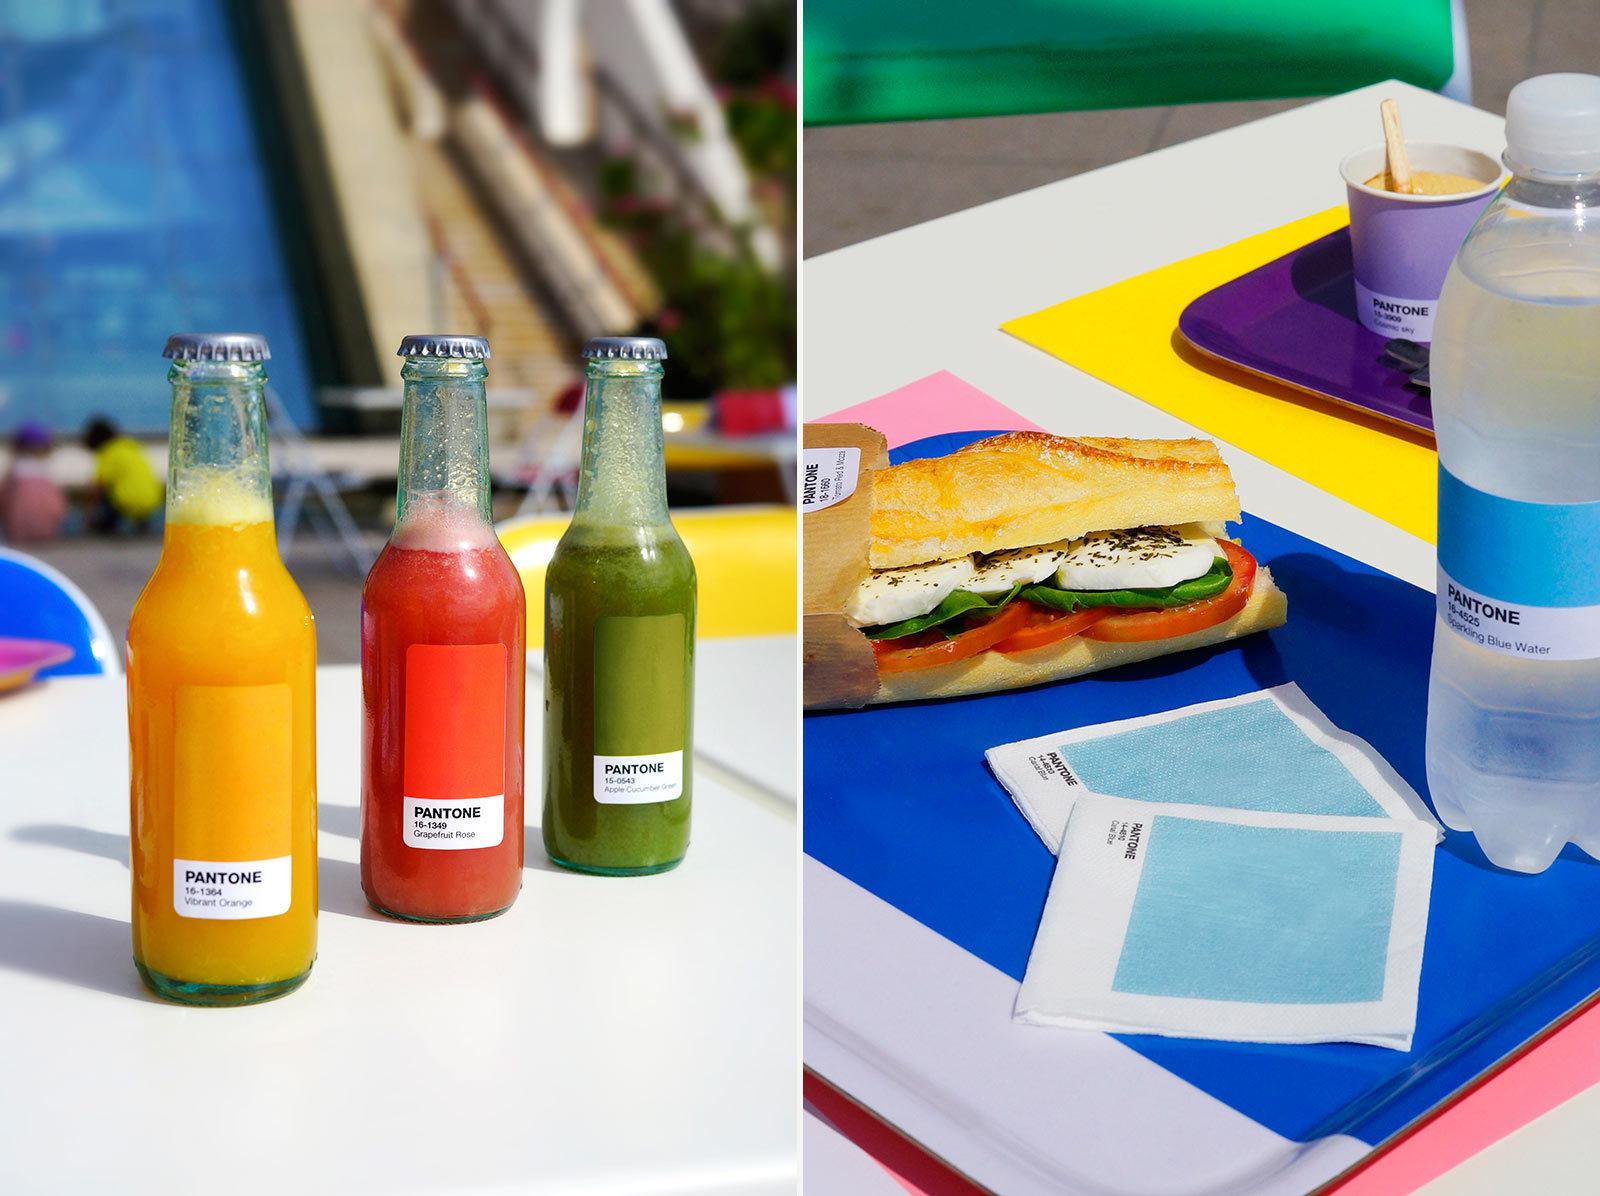 large_pantone-colorful-food-cafe-monaco-instagram.jpg